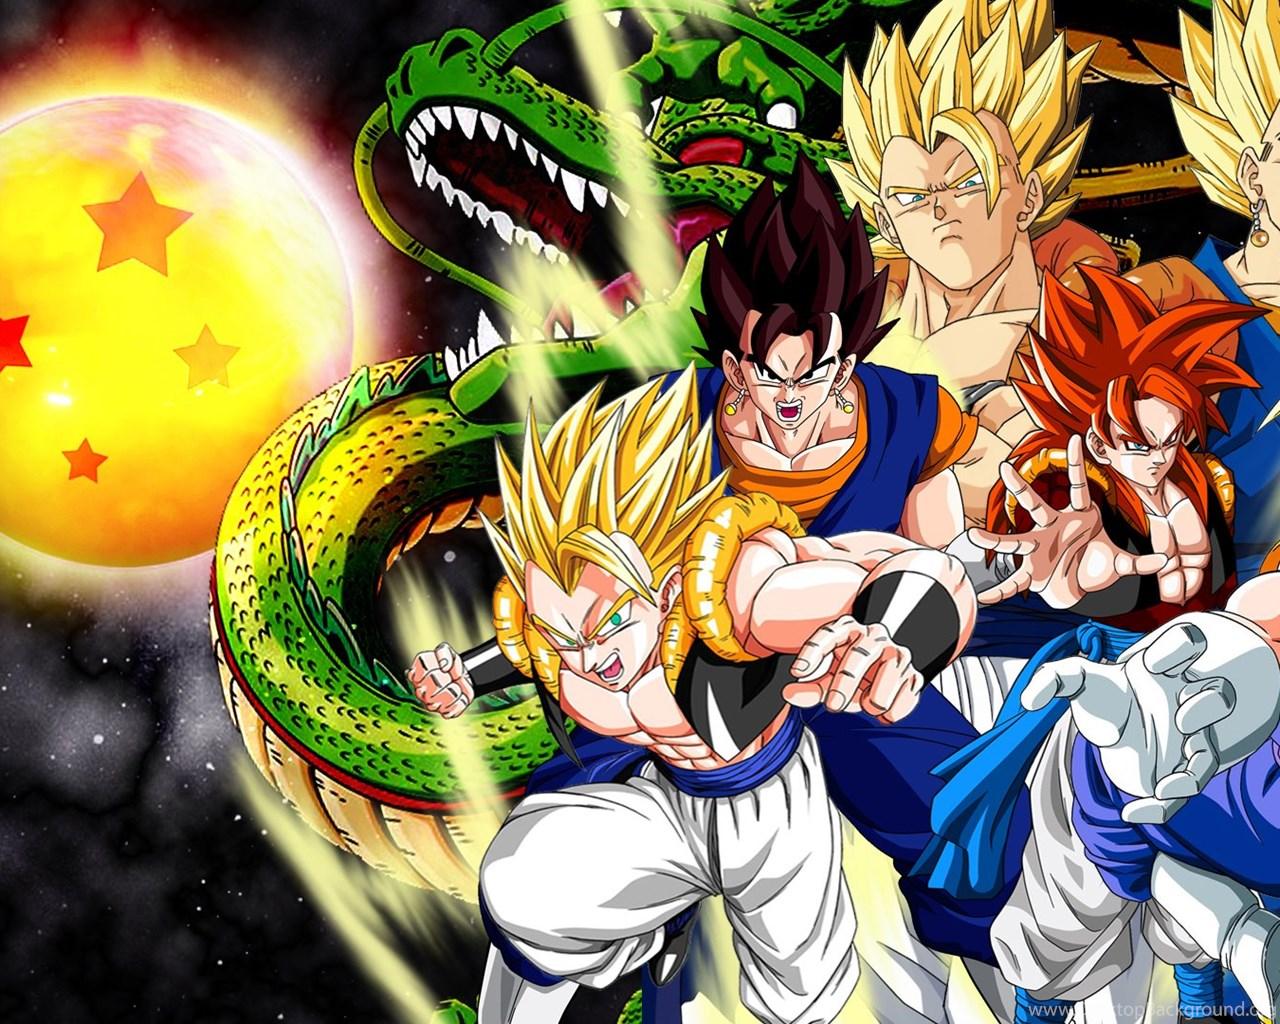 Fonds D'écran Dragon Ball Z : Tous Les Wallpapers Dragon Ball Z Desktop Background